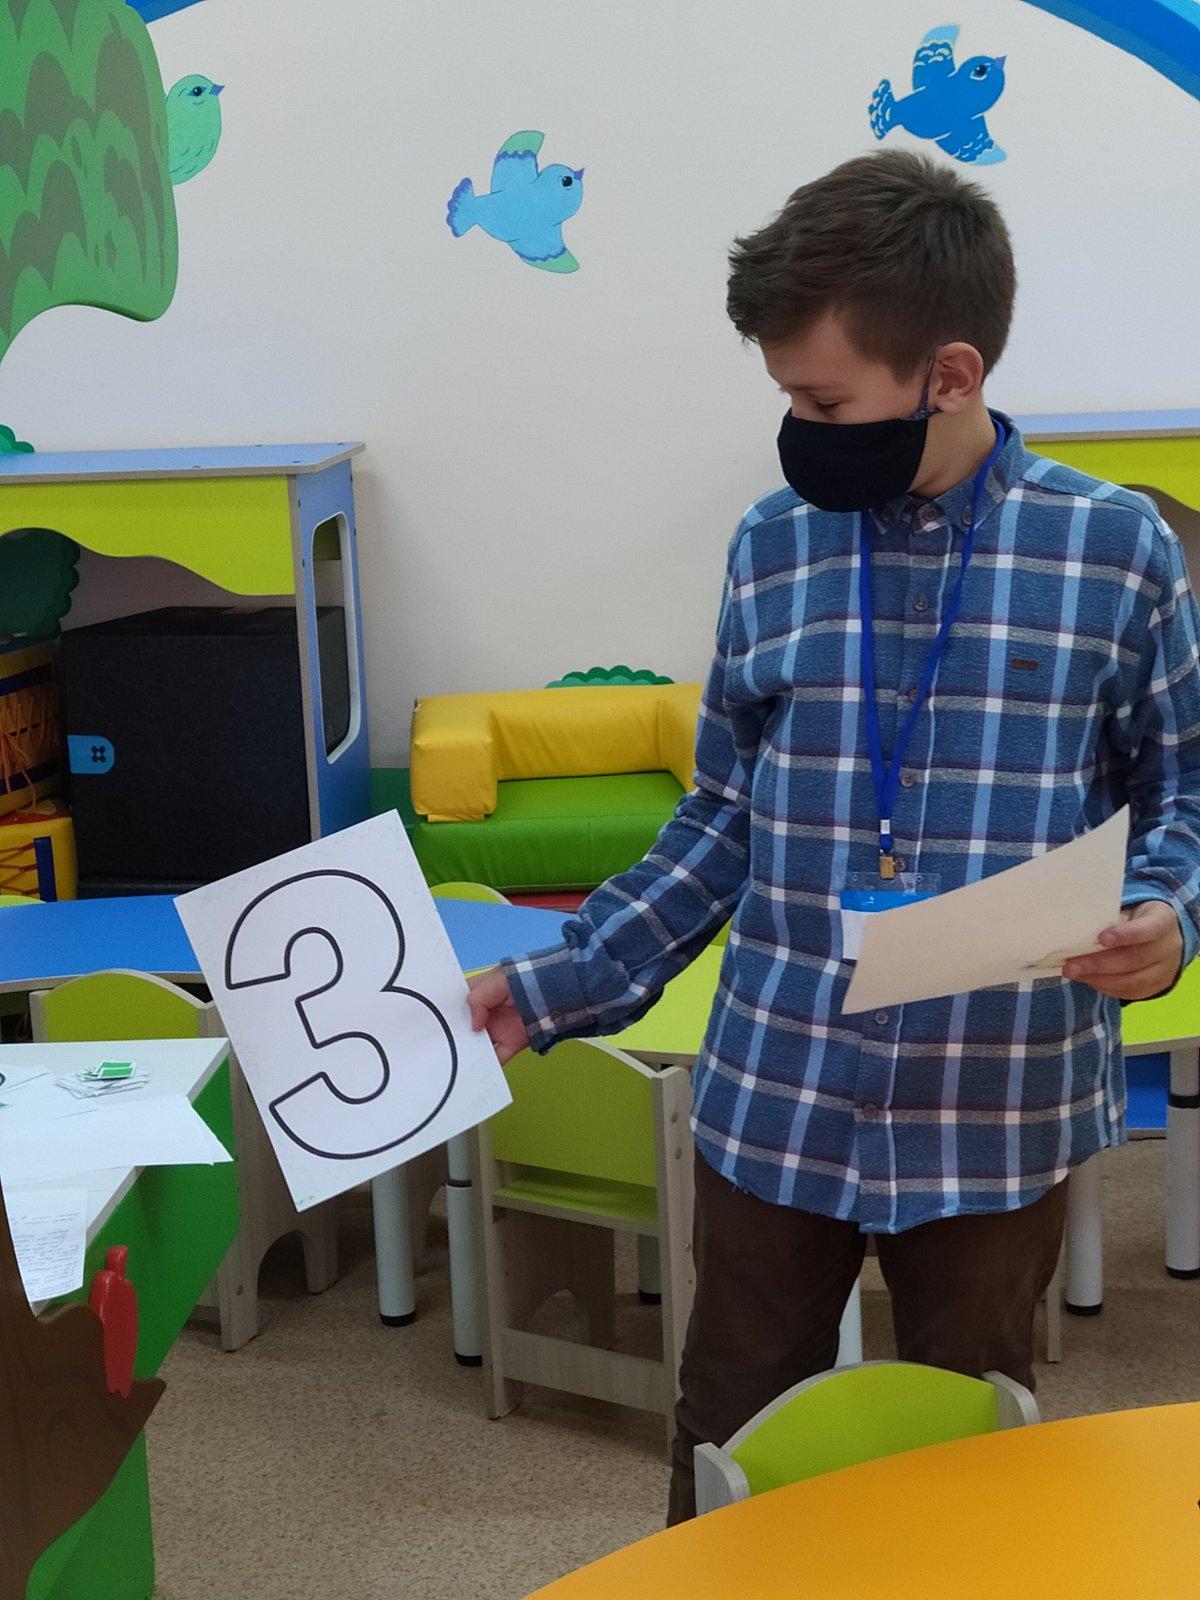 В Абакане школьники примерили к себе профессию воспитателя в рамках проекта «Билет в будущее»